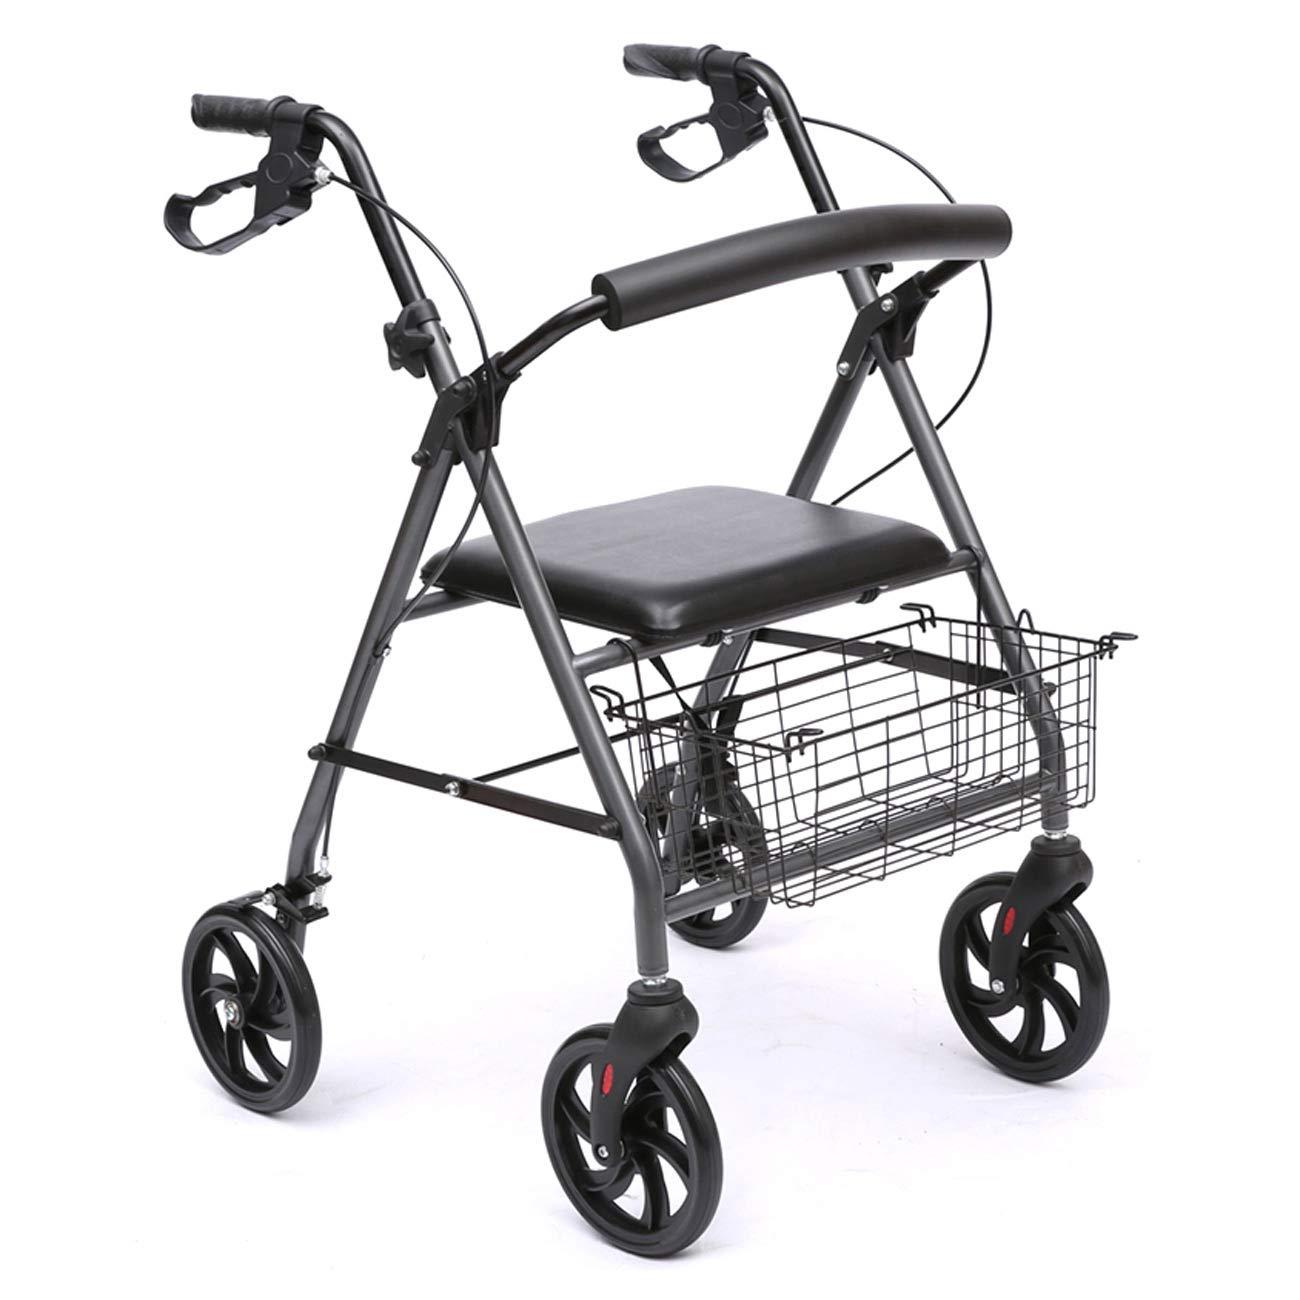 新品同様 高齢者ウォーカー、4輪シートウォーキングウォーカー B07KT38JQD、アルミ合金構造補助歩行者を運ぶ B07KT38JQD, コスゲムラ:1b7a2ce9 --- a0267596.xsph.ru